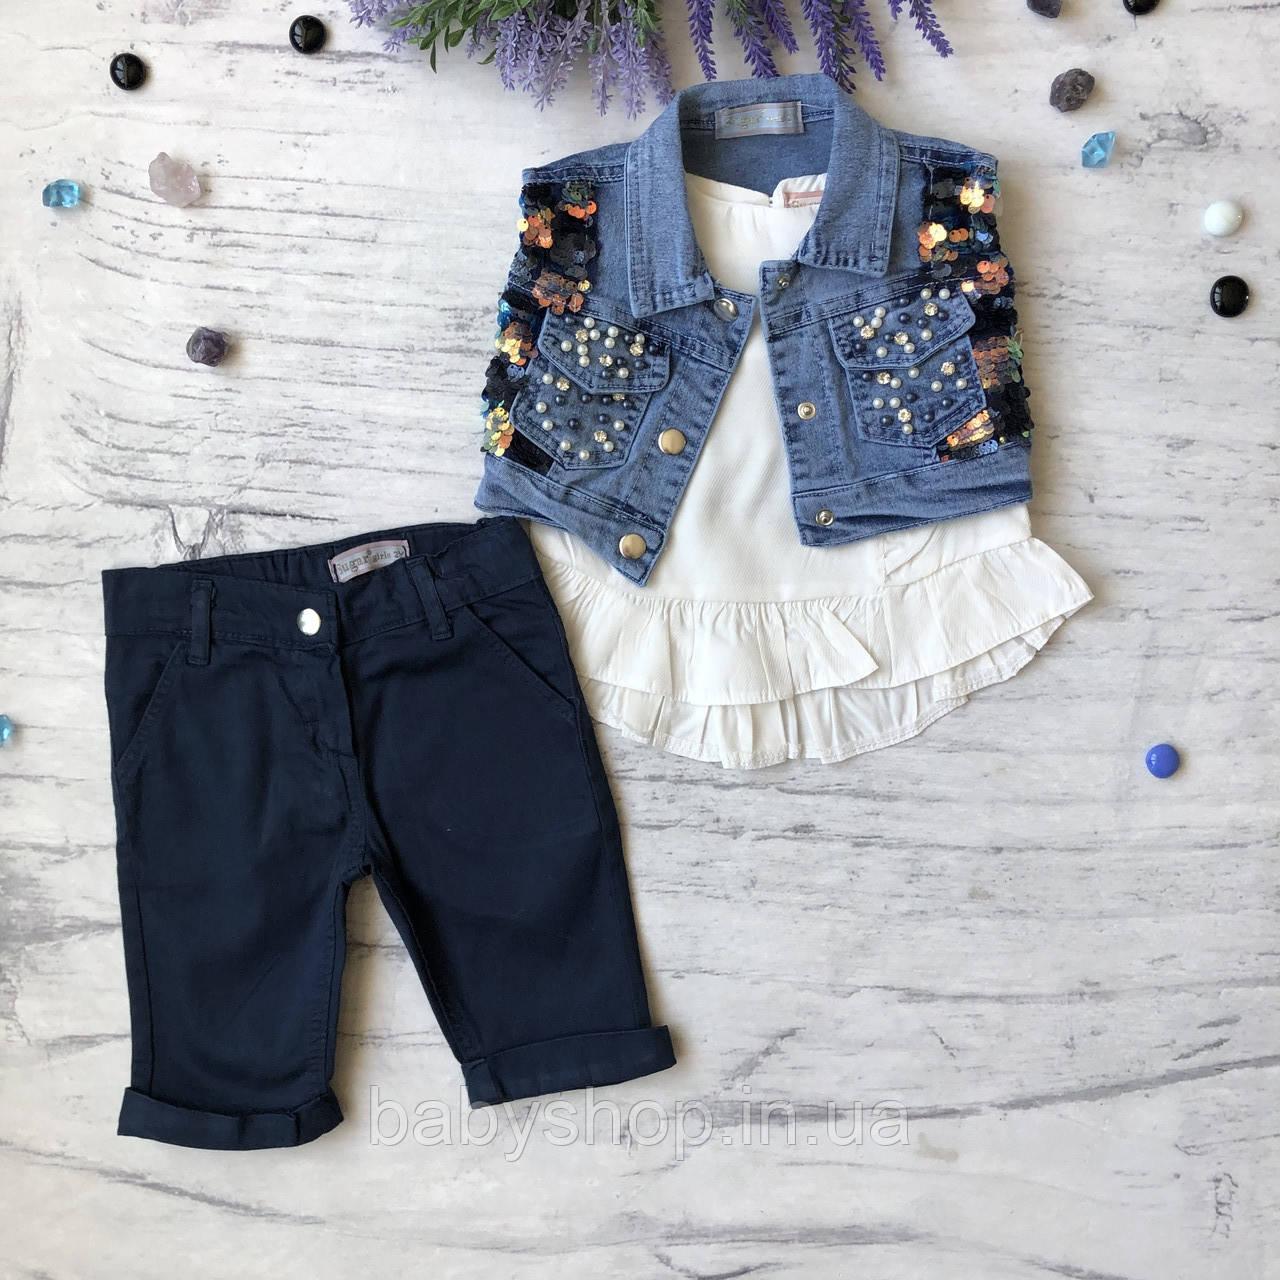 Летний джинсовый костюм на девочку 28. Размер 92 см, 98 см, 104 см